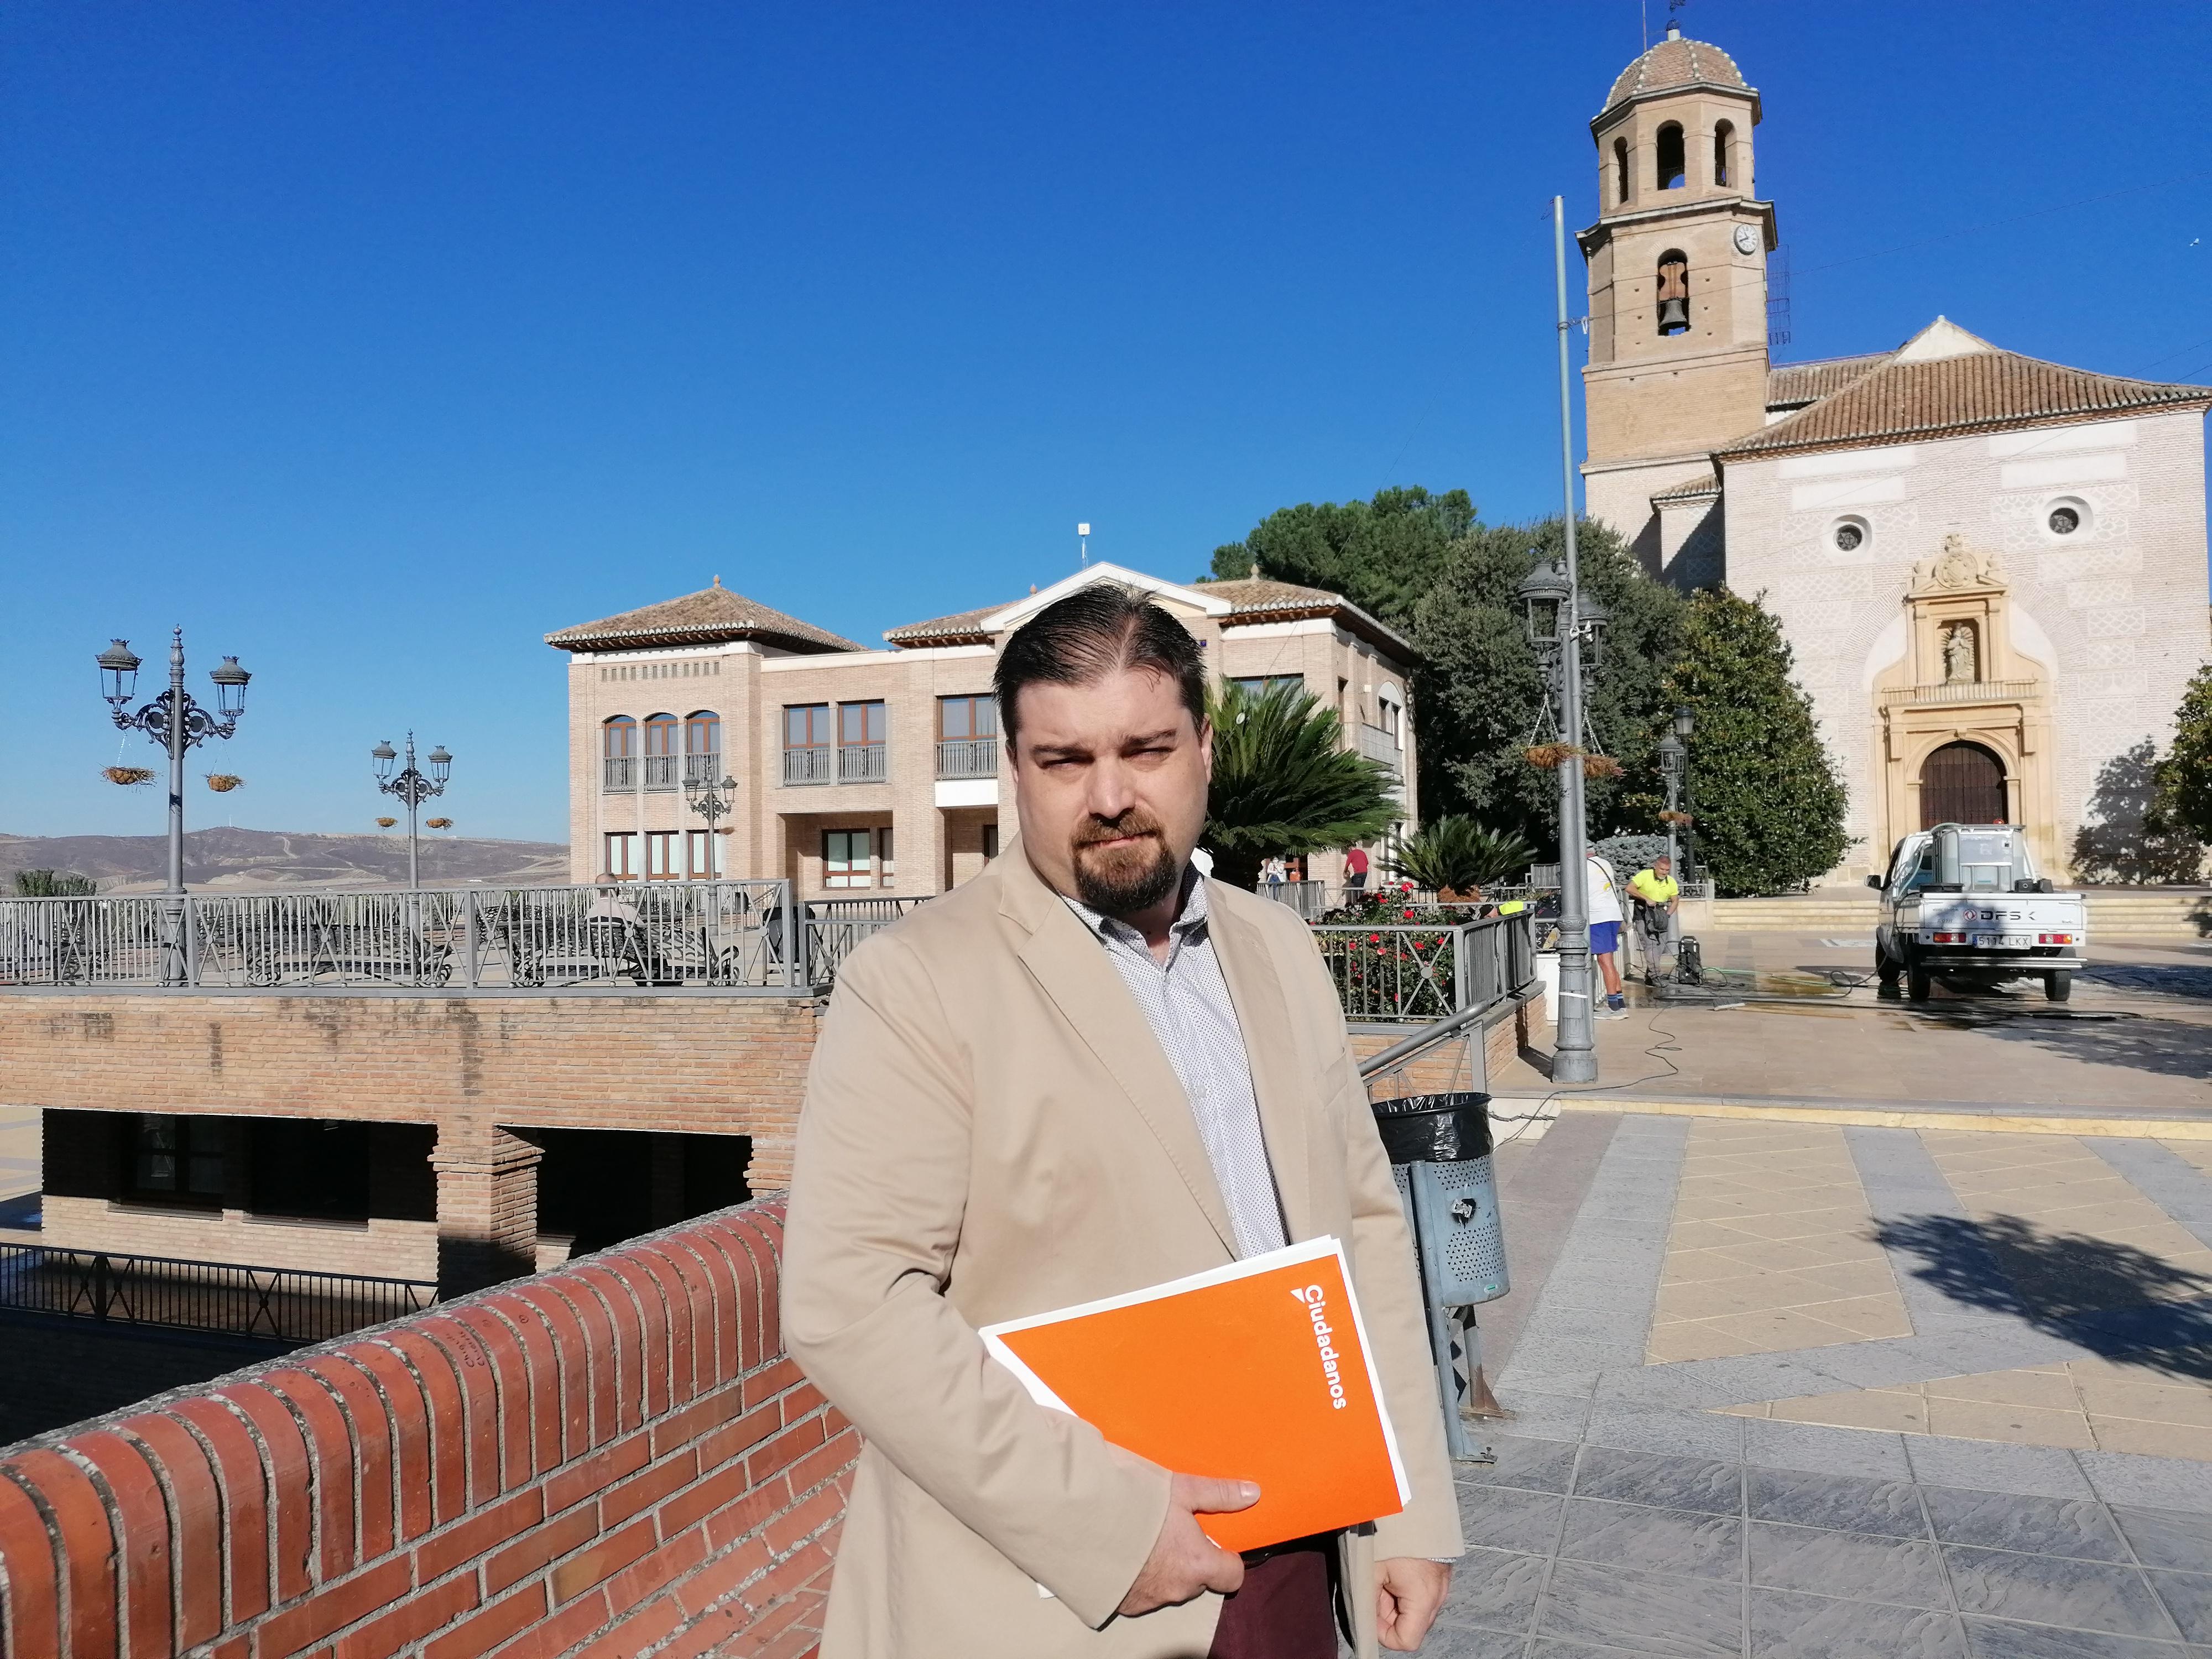 Ciudadanos asume las competencias de Mantenimiento, Servicios Sociales, Familias y Consumo en Alhendín